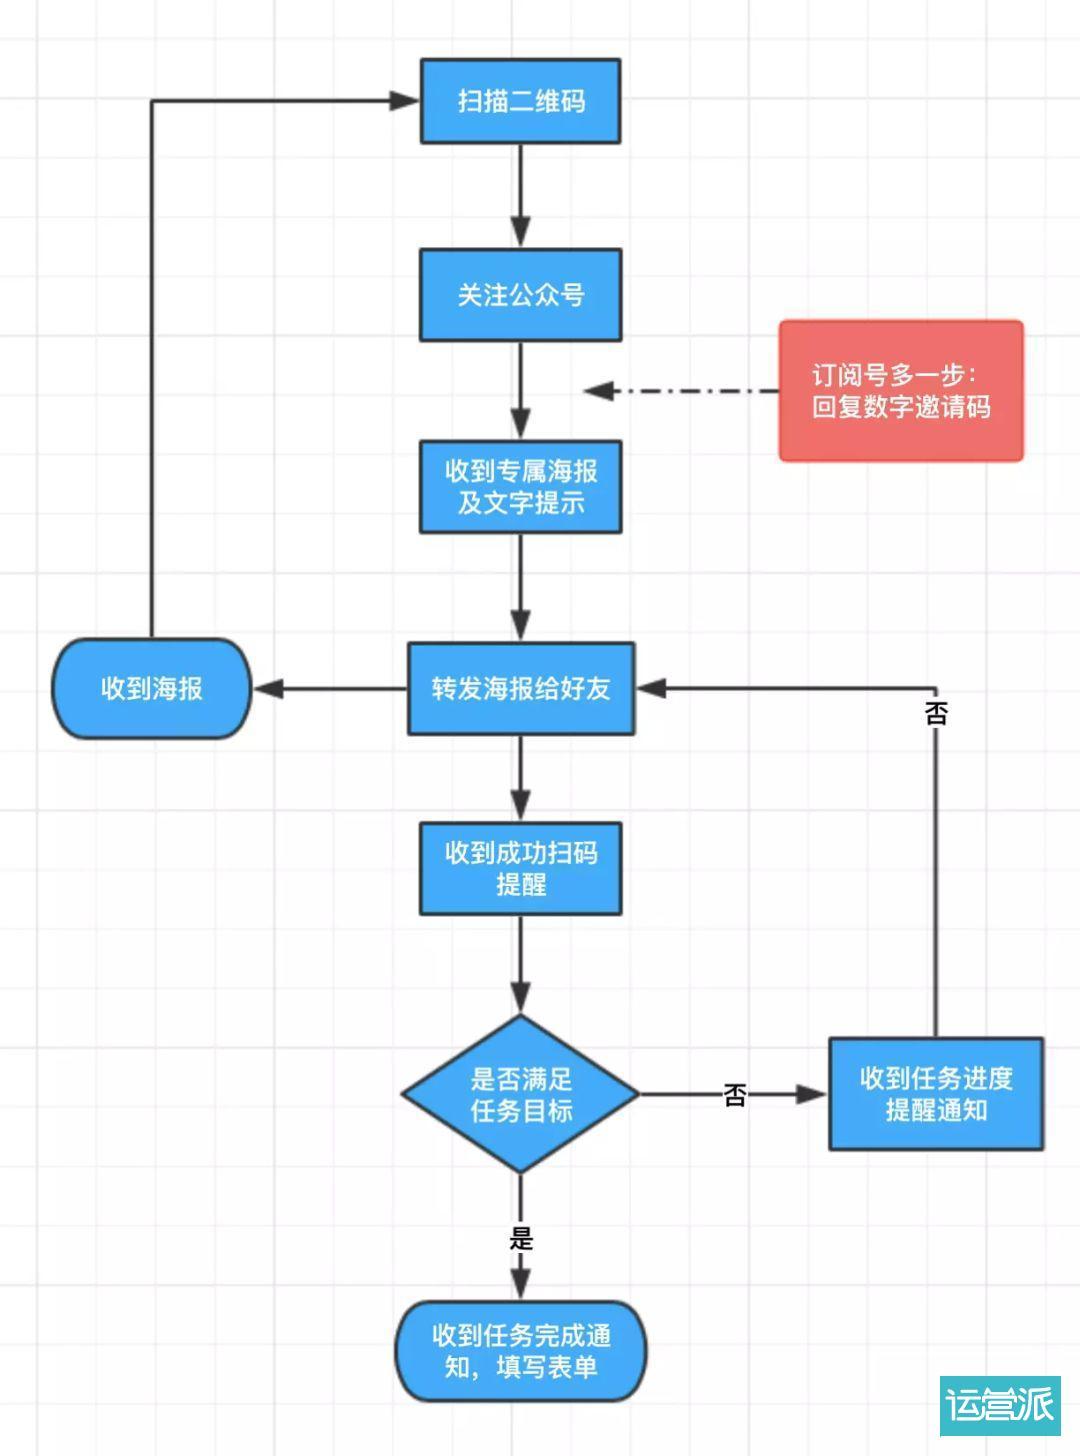 2019微信营销活动大全,想做好新媒体必看!(值得收藏)